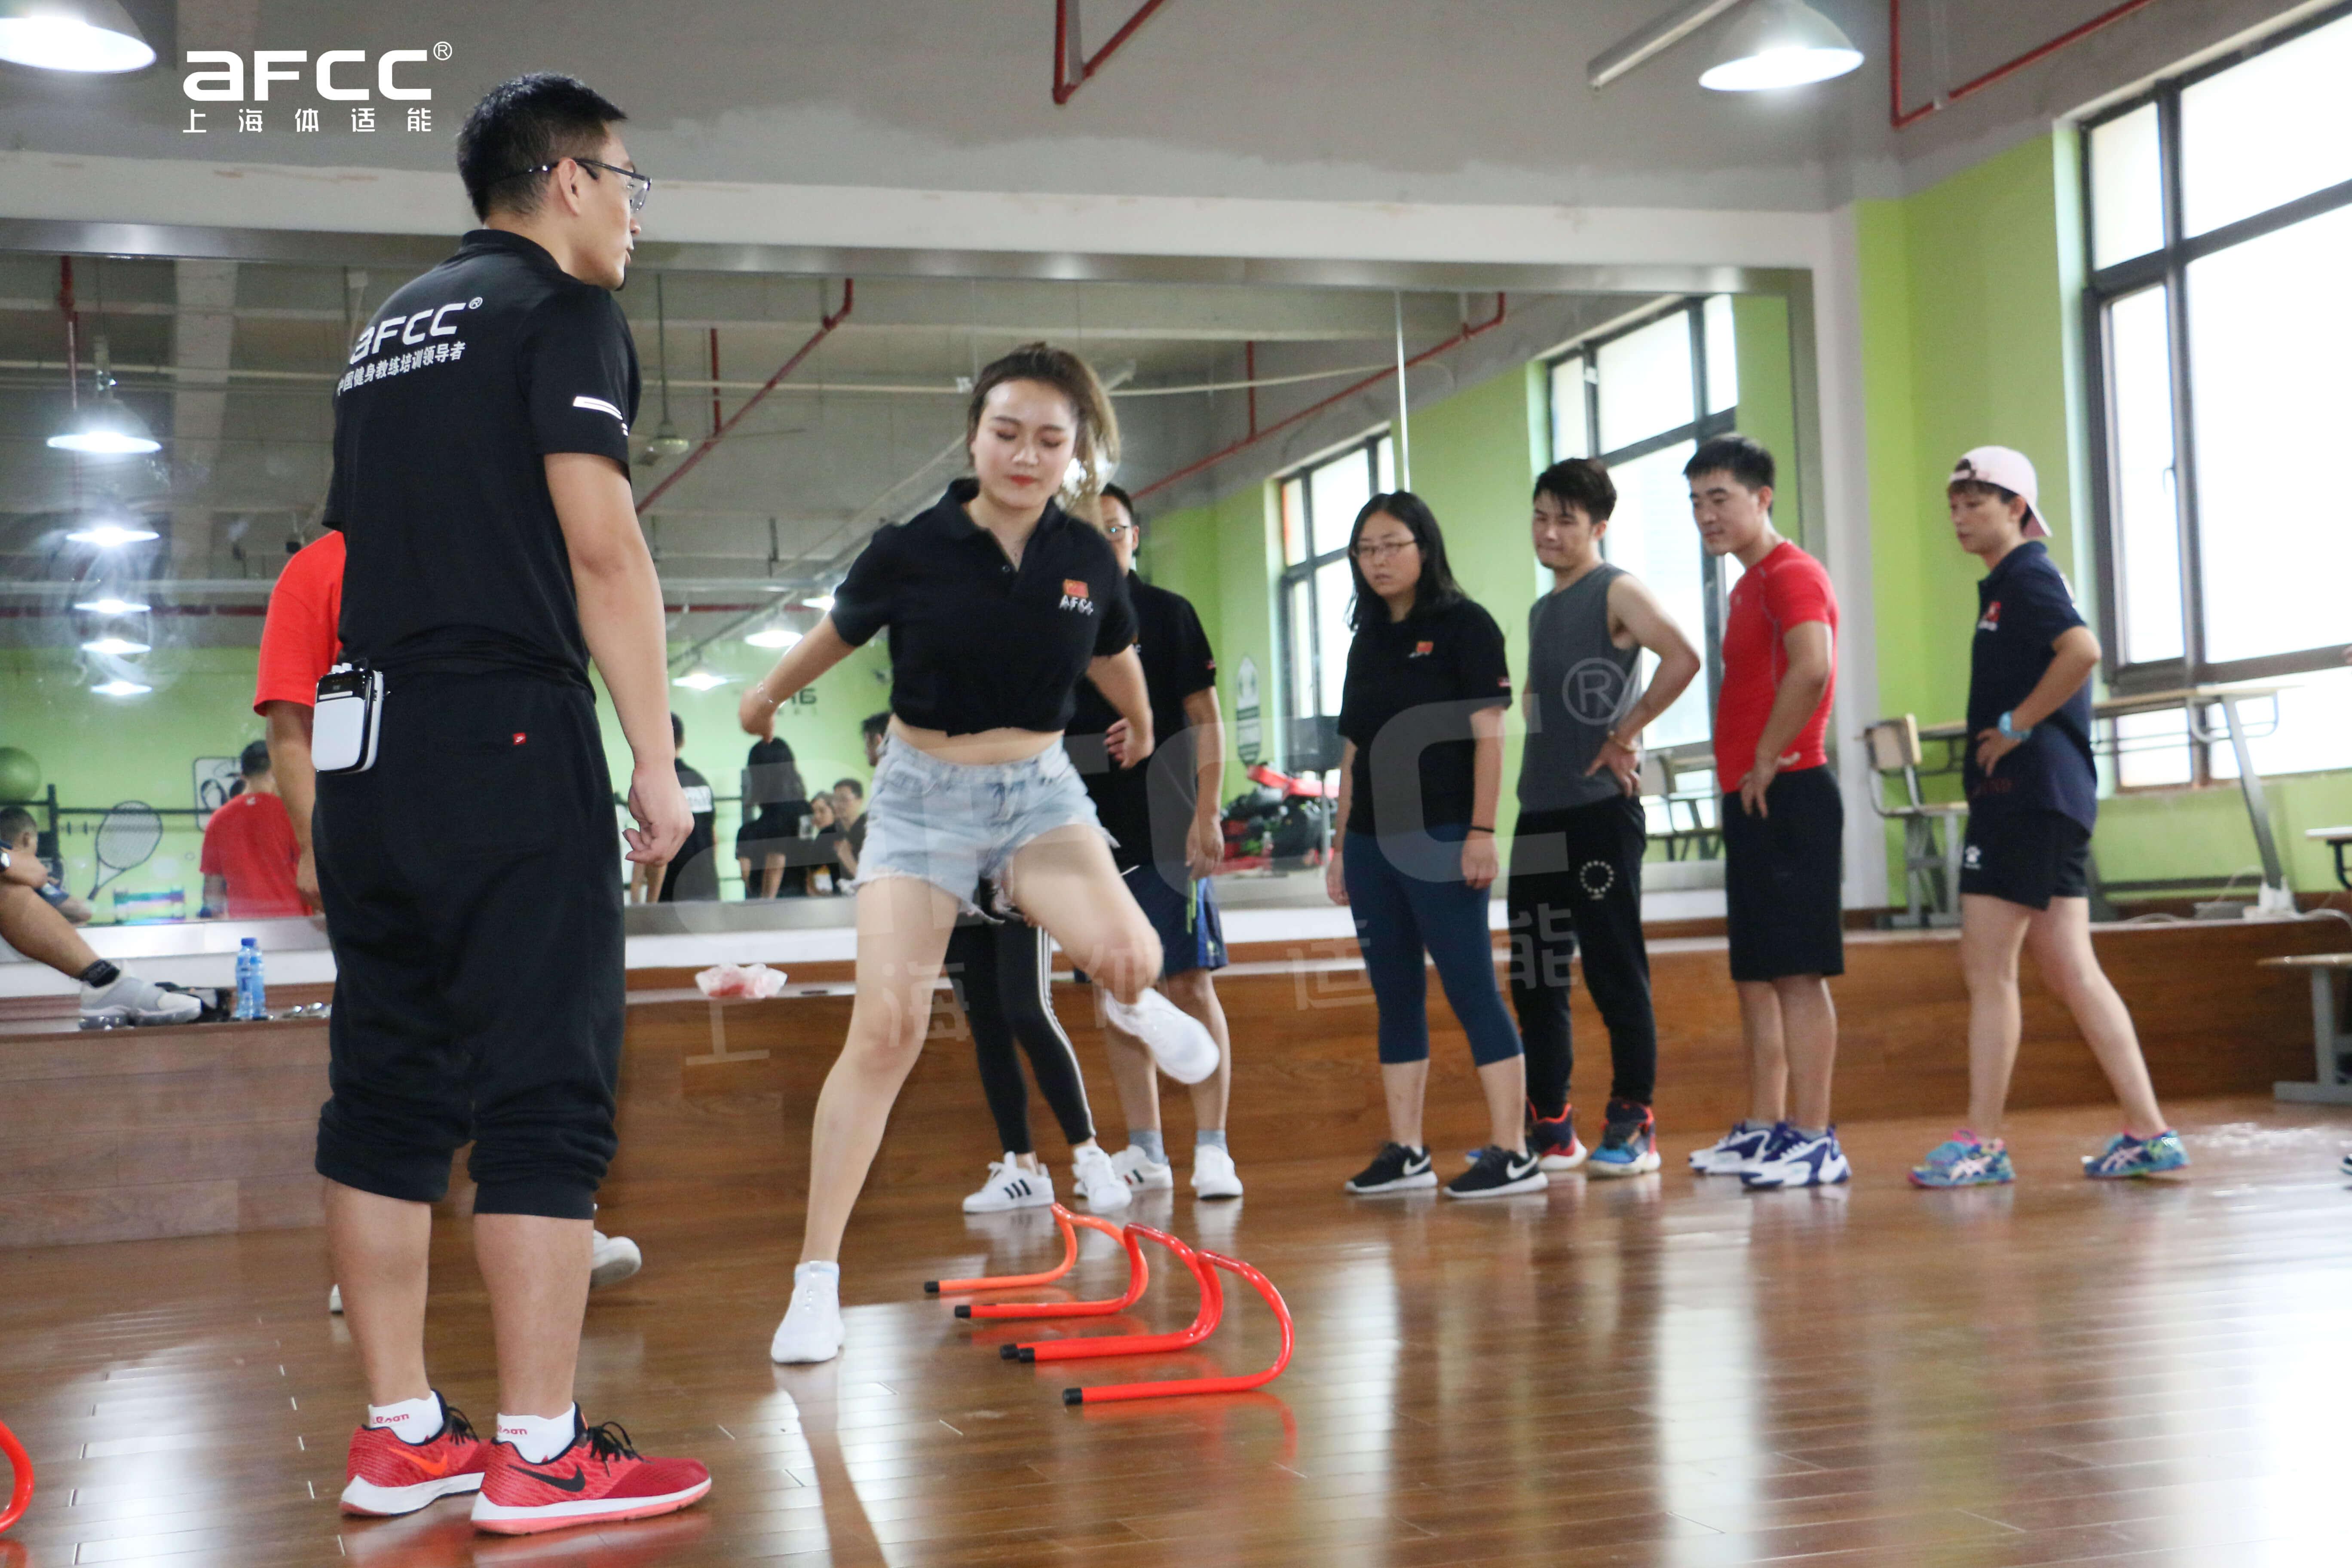 少儿体适能是中国运动教育的新版块